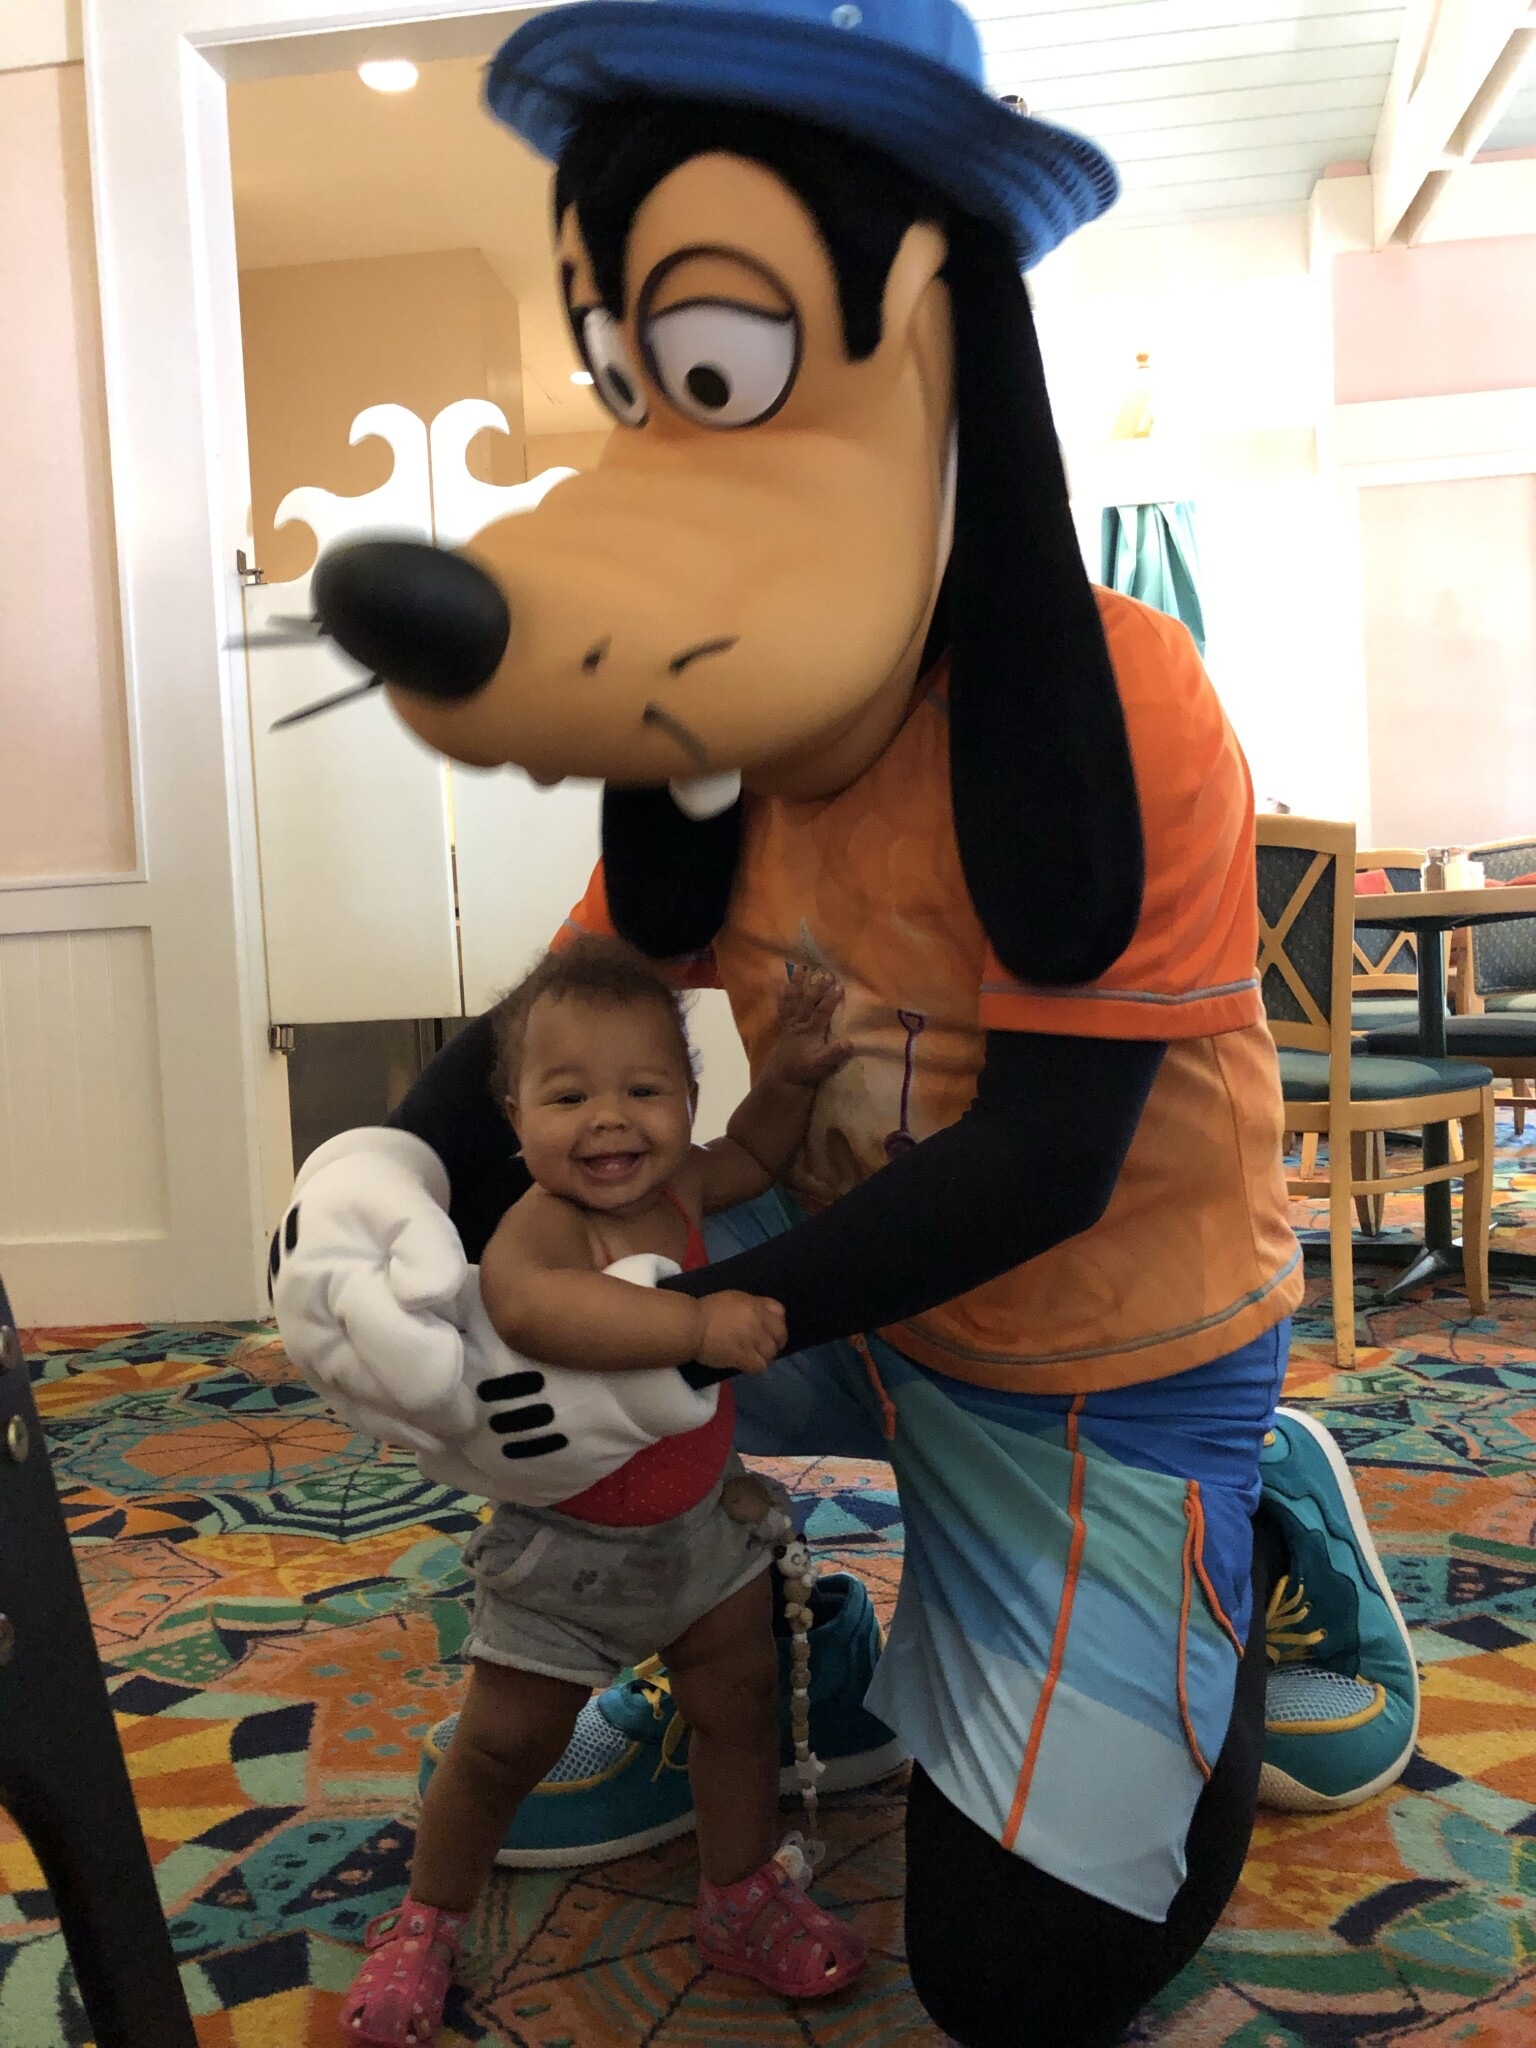 2 semaines en Floride avec un bébé de 1 an - Séjour du 2 au 16 mai 2019 DCL + WDW - Page 18 IMG_7116-1536x2048